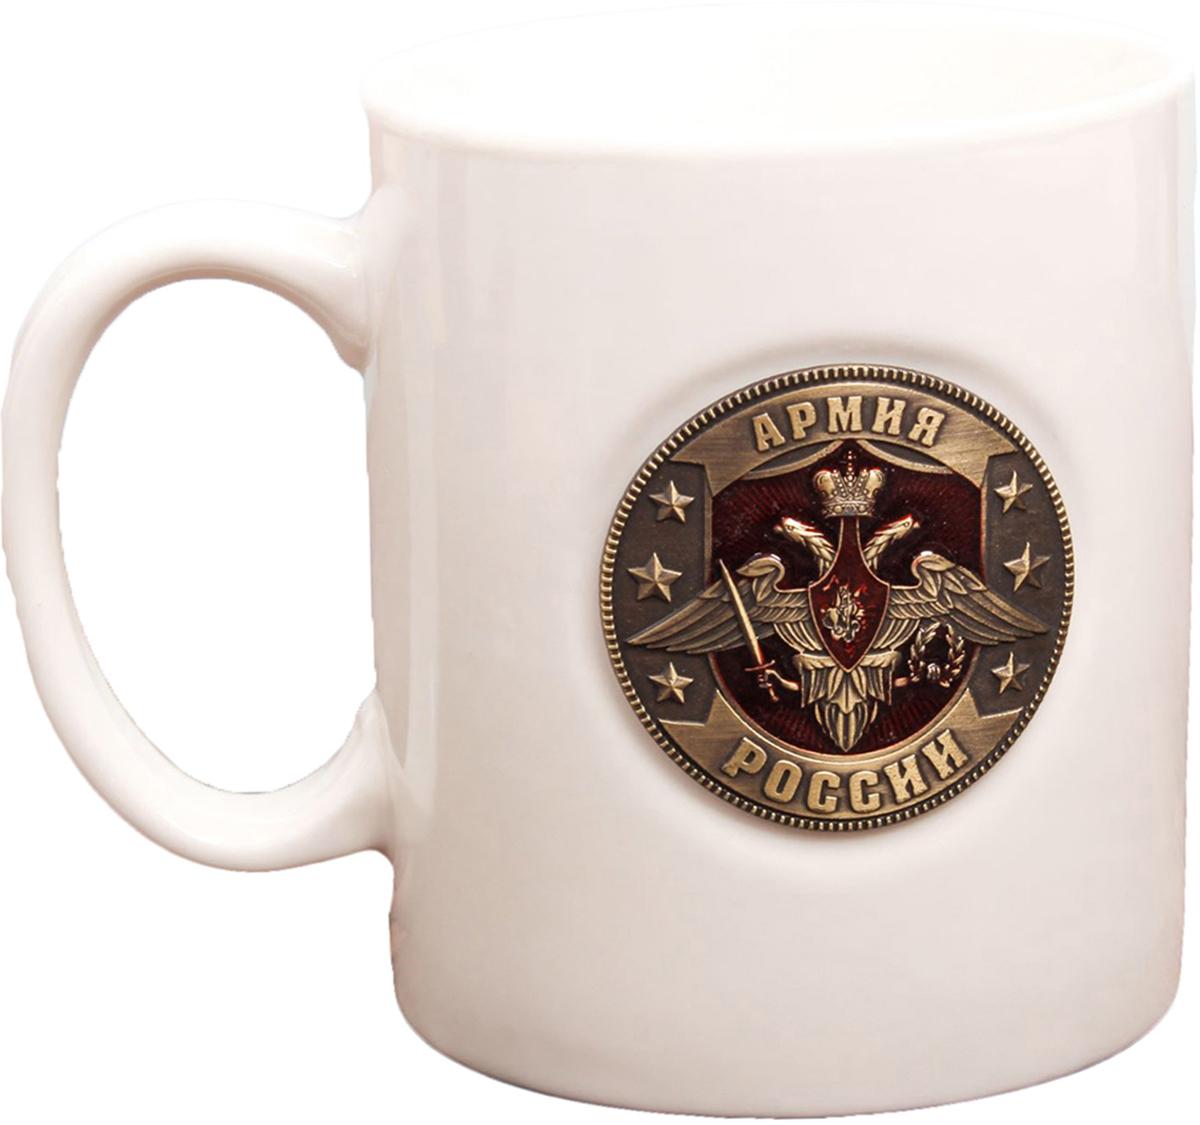 Кружка Sima-Land Армия России, 300 мл. 23937982393798Авторский дизайн, оригинальный декор, оптимальный объем - отличительные черты этой кружки. Налейте в нее горячий свежезаваренный кофе или крепкий ароматный чай, и каждый глоток будет сокрушительным ударом по врагам: сонливости, вялости и апатии!Изделие упаковано в подарочную картонную коробку.